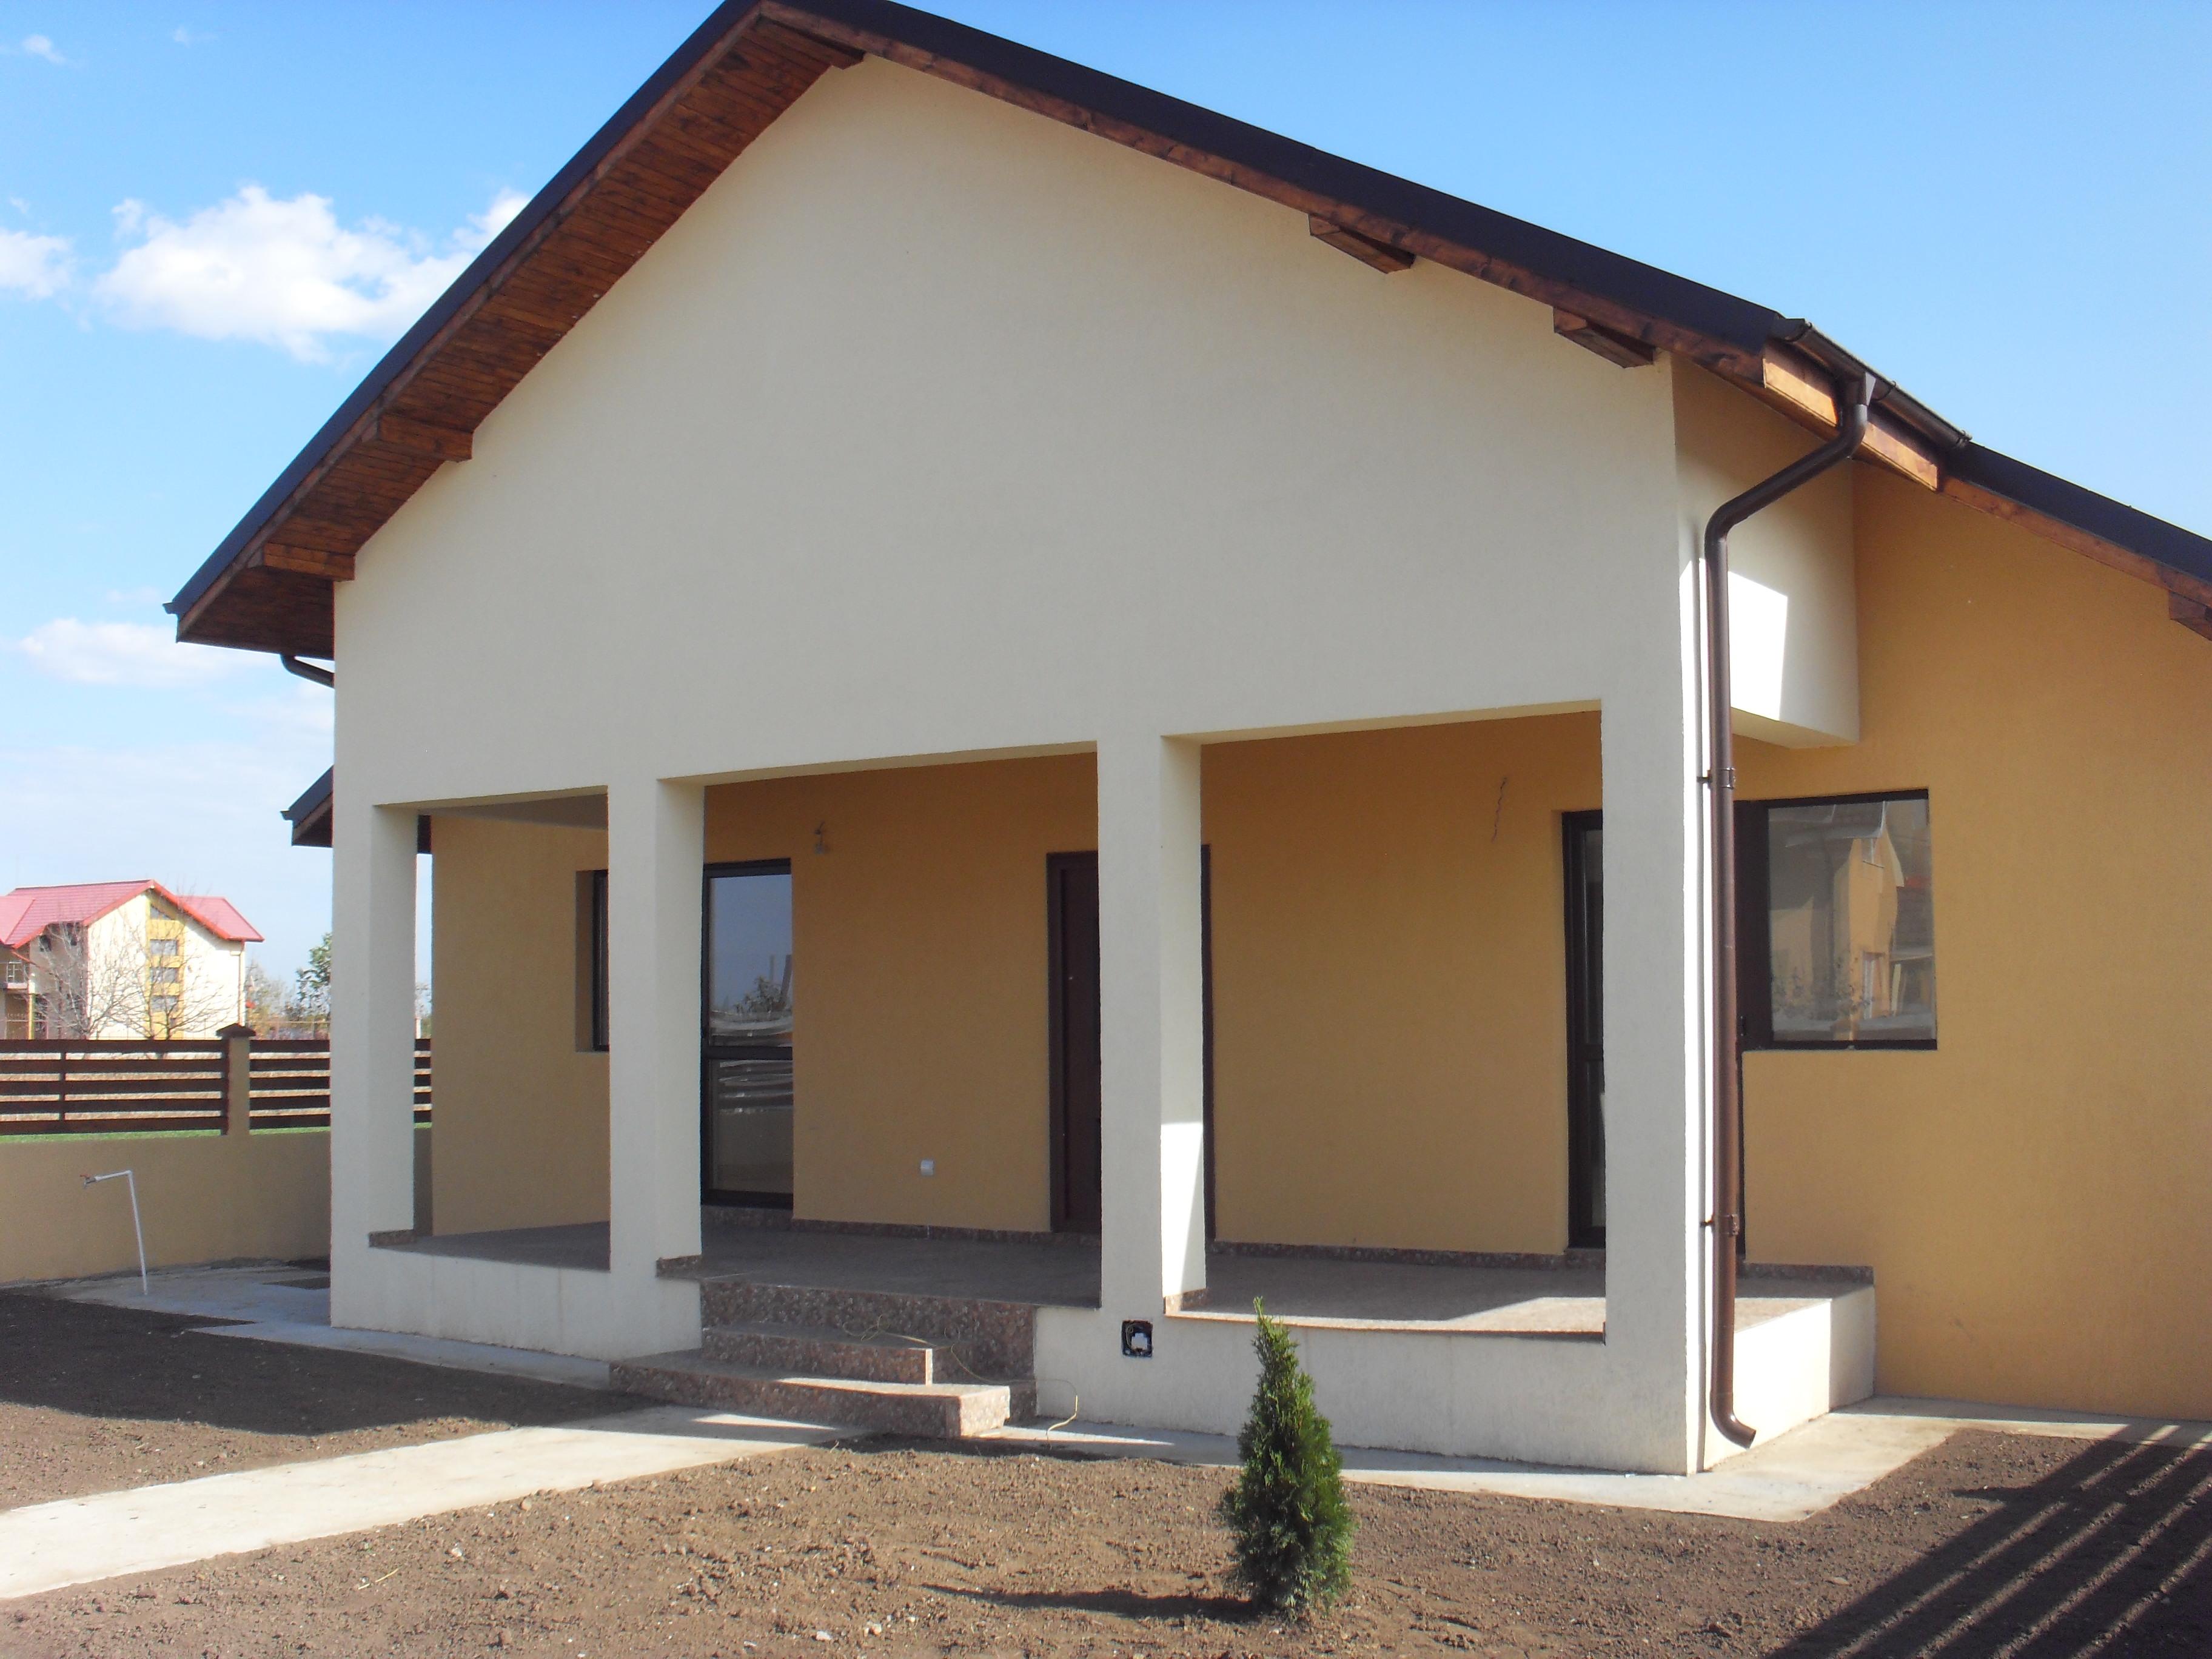 Casa parter strada ghioceilor imobiliare domnesti for Case parter